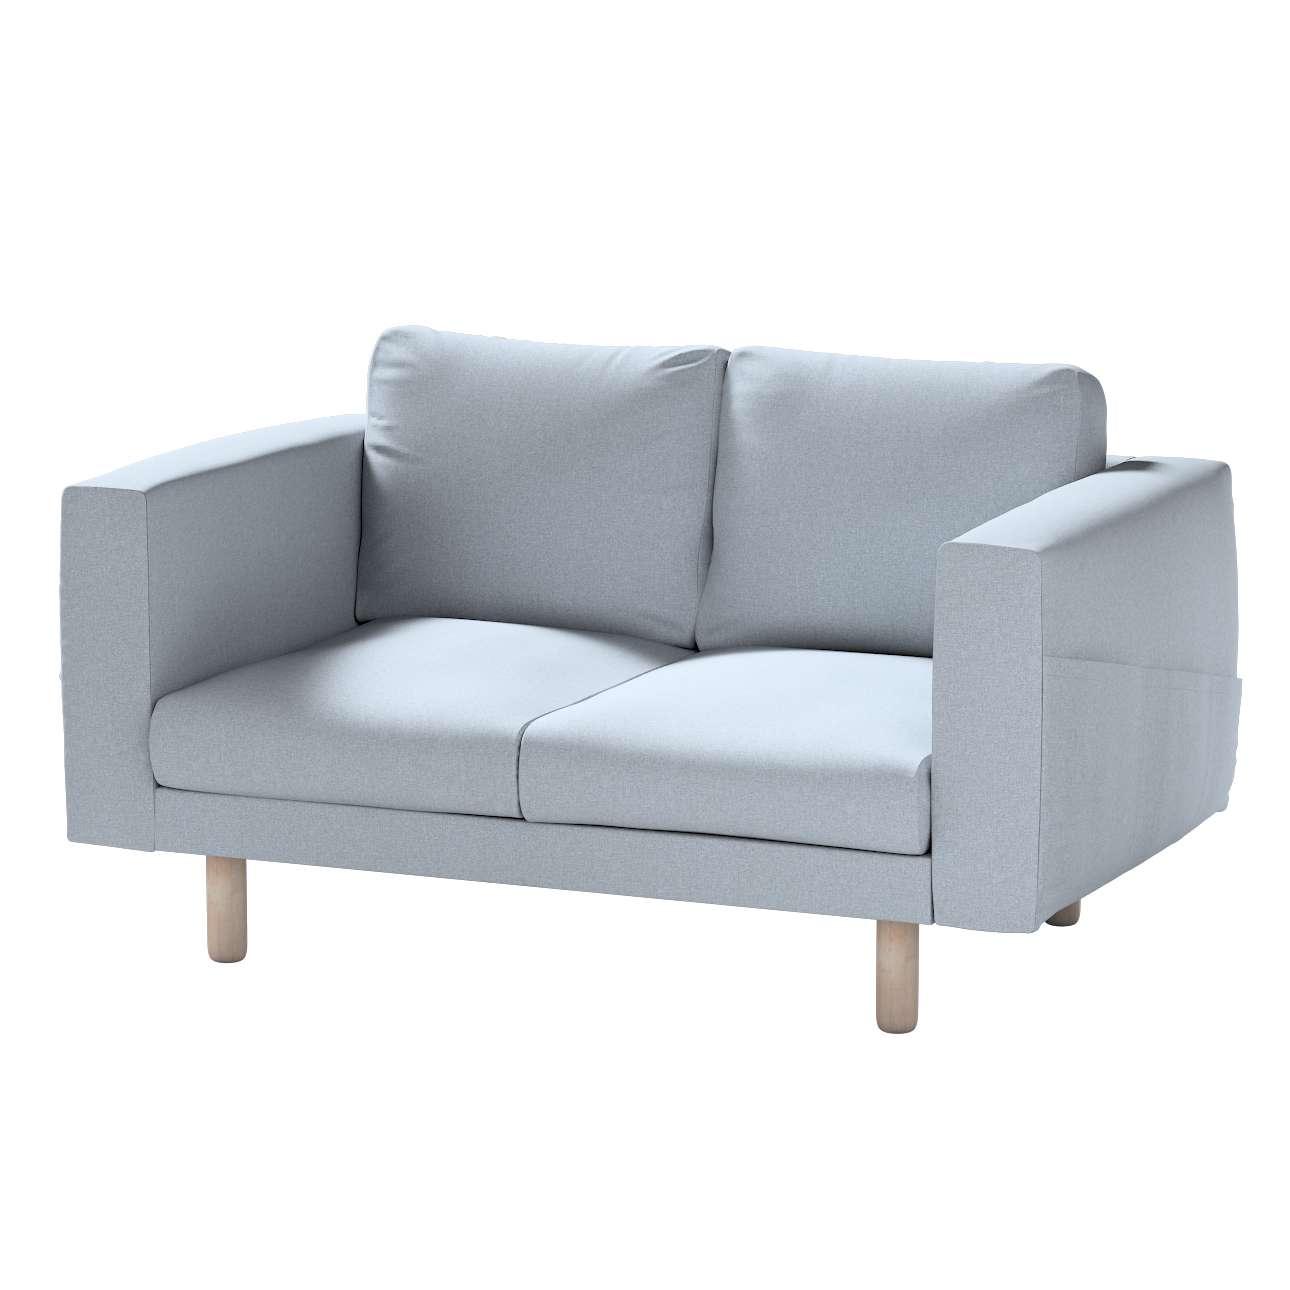 Pokrowiec na sofę Norsborg 2-osobową w kolekcji Amsterdam, tkanina: 704-46